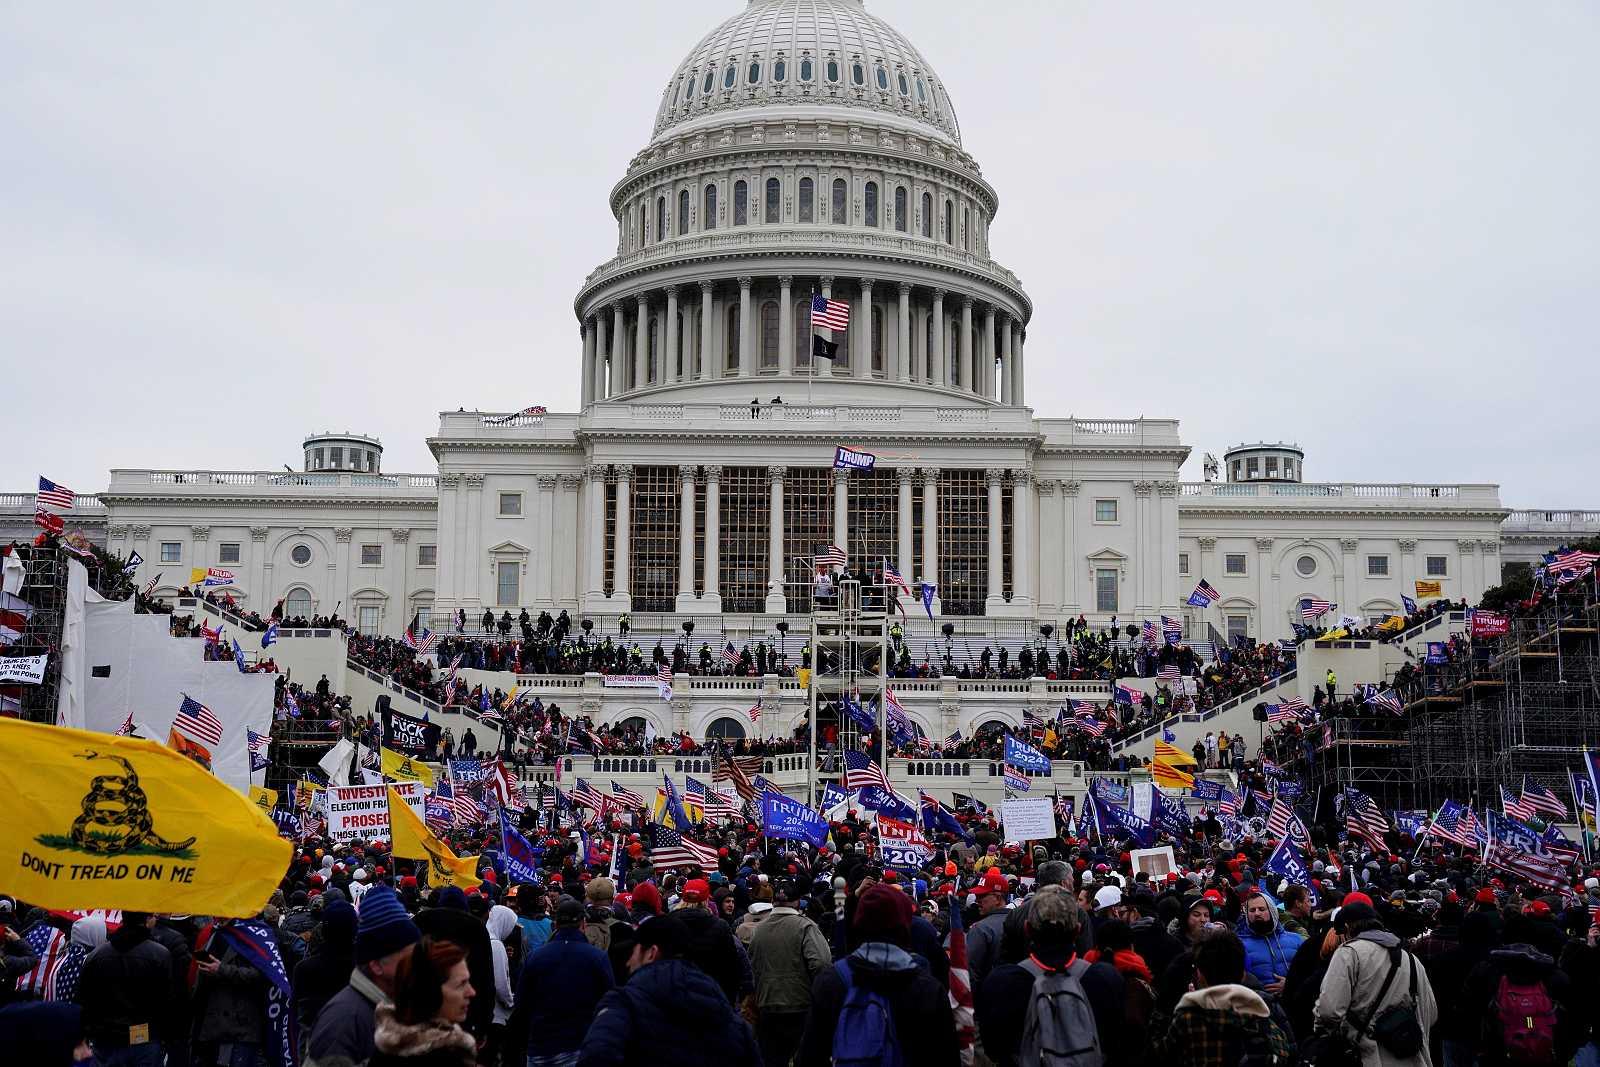 La Justicia estadounidense prevé acusar a varios centenares de asaltantes al Congreso